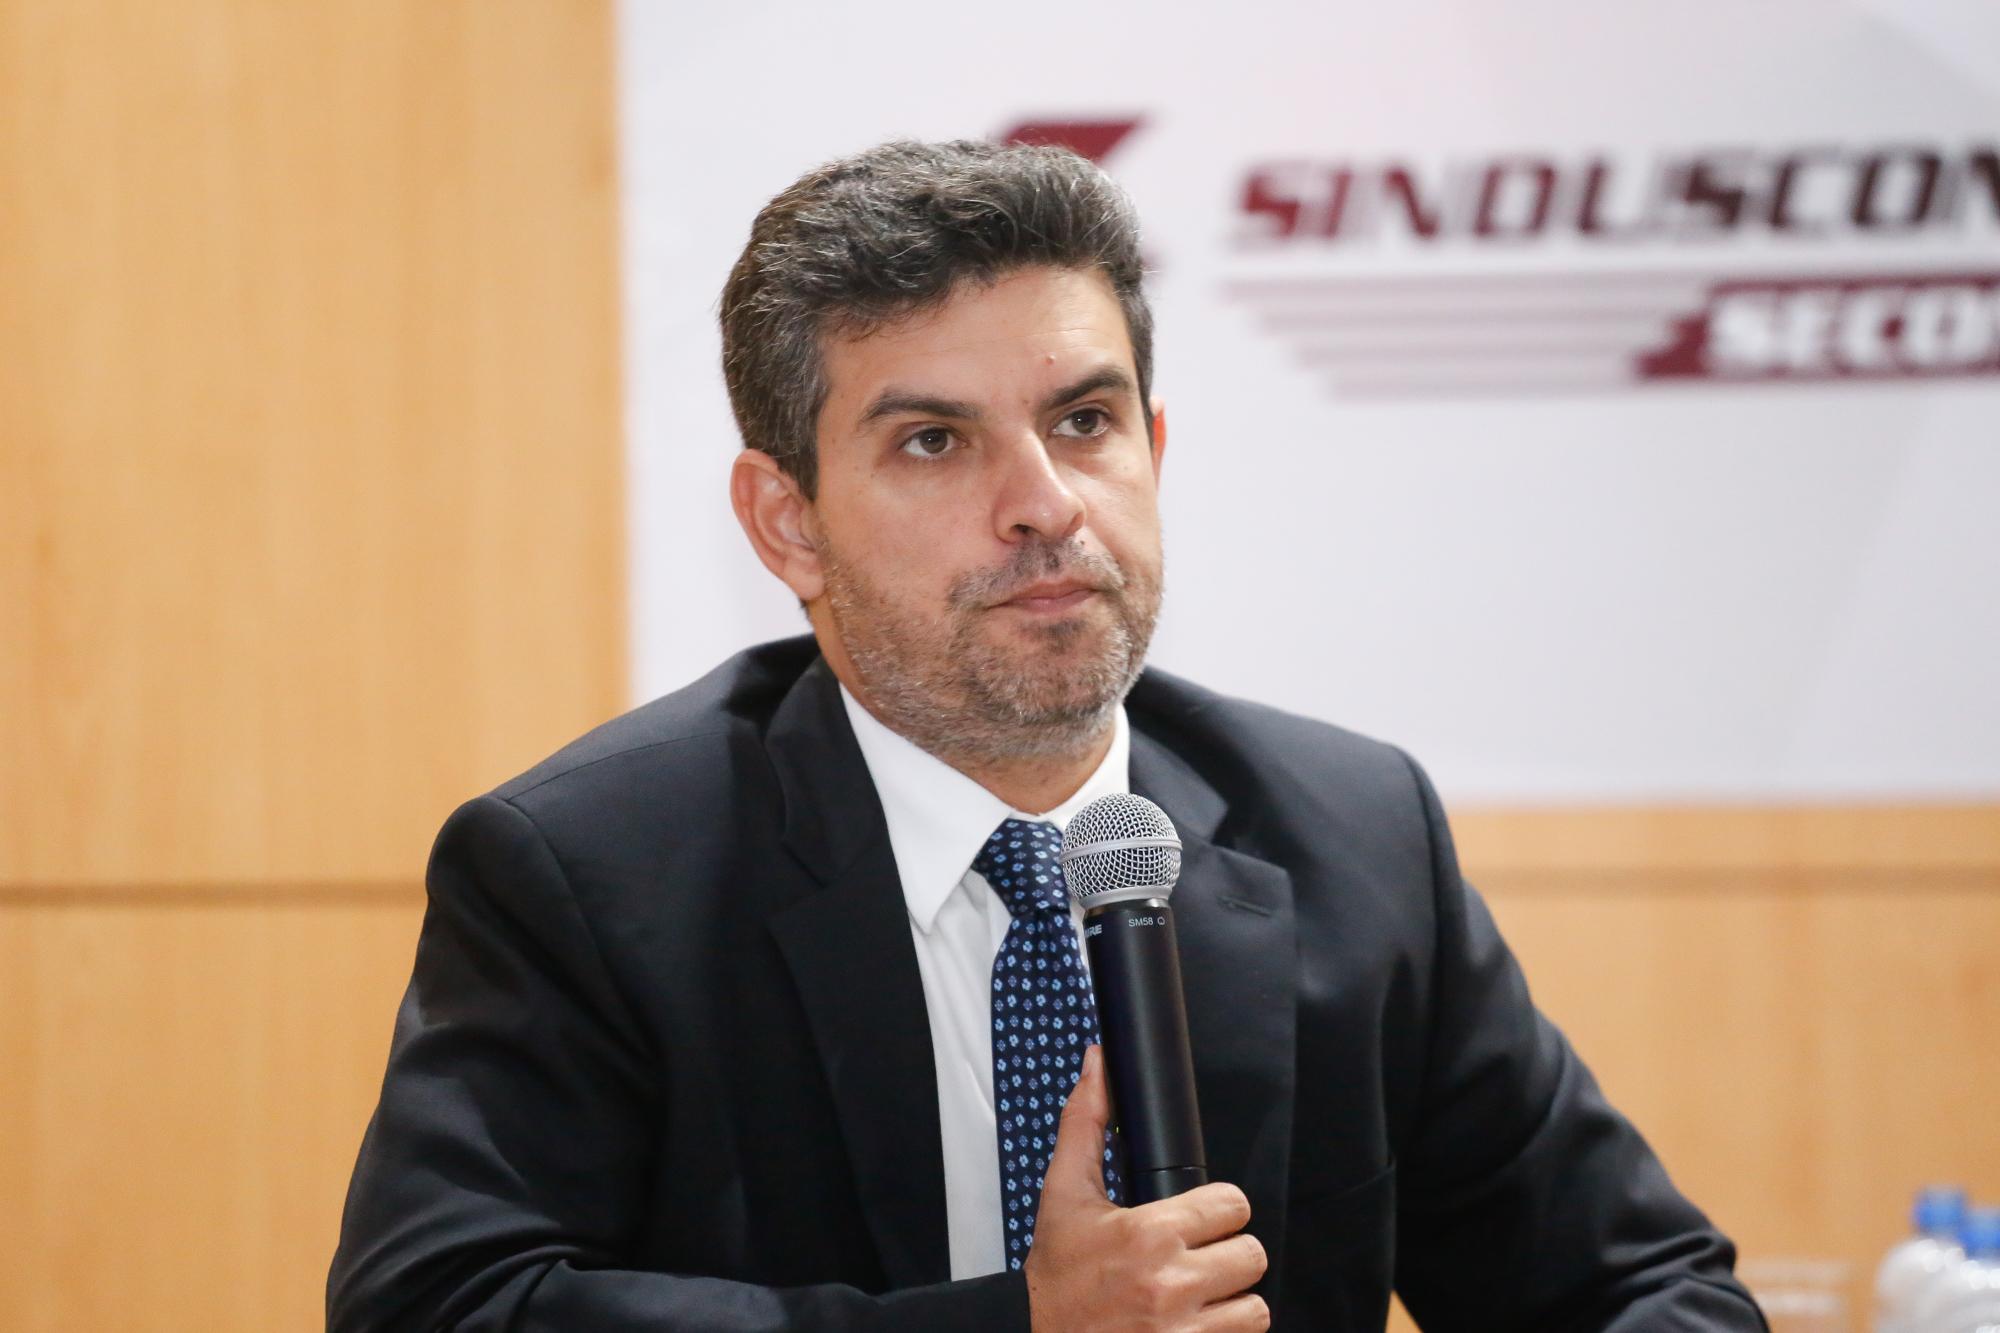 Aniversário do Sinduscon-PR traz como tema: Eleições 2018, perspectivas políticas e econômicas para o Paraná e o Brasil